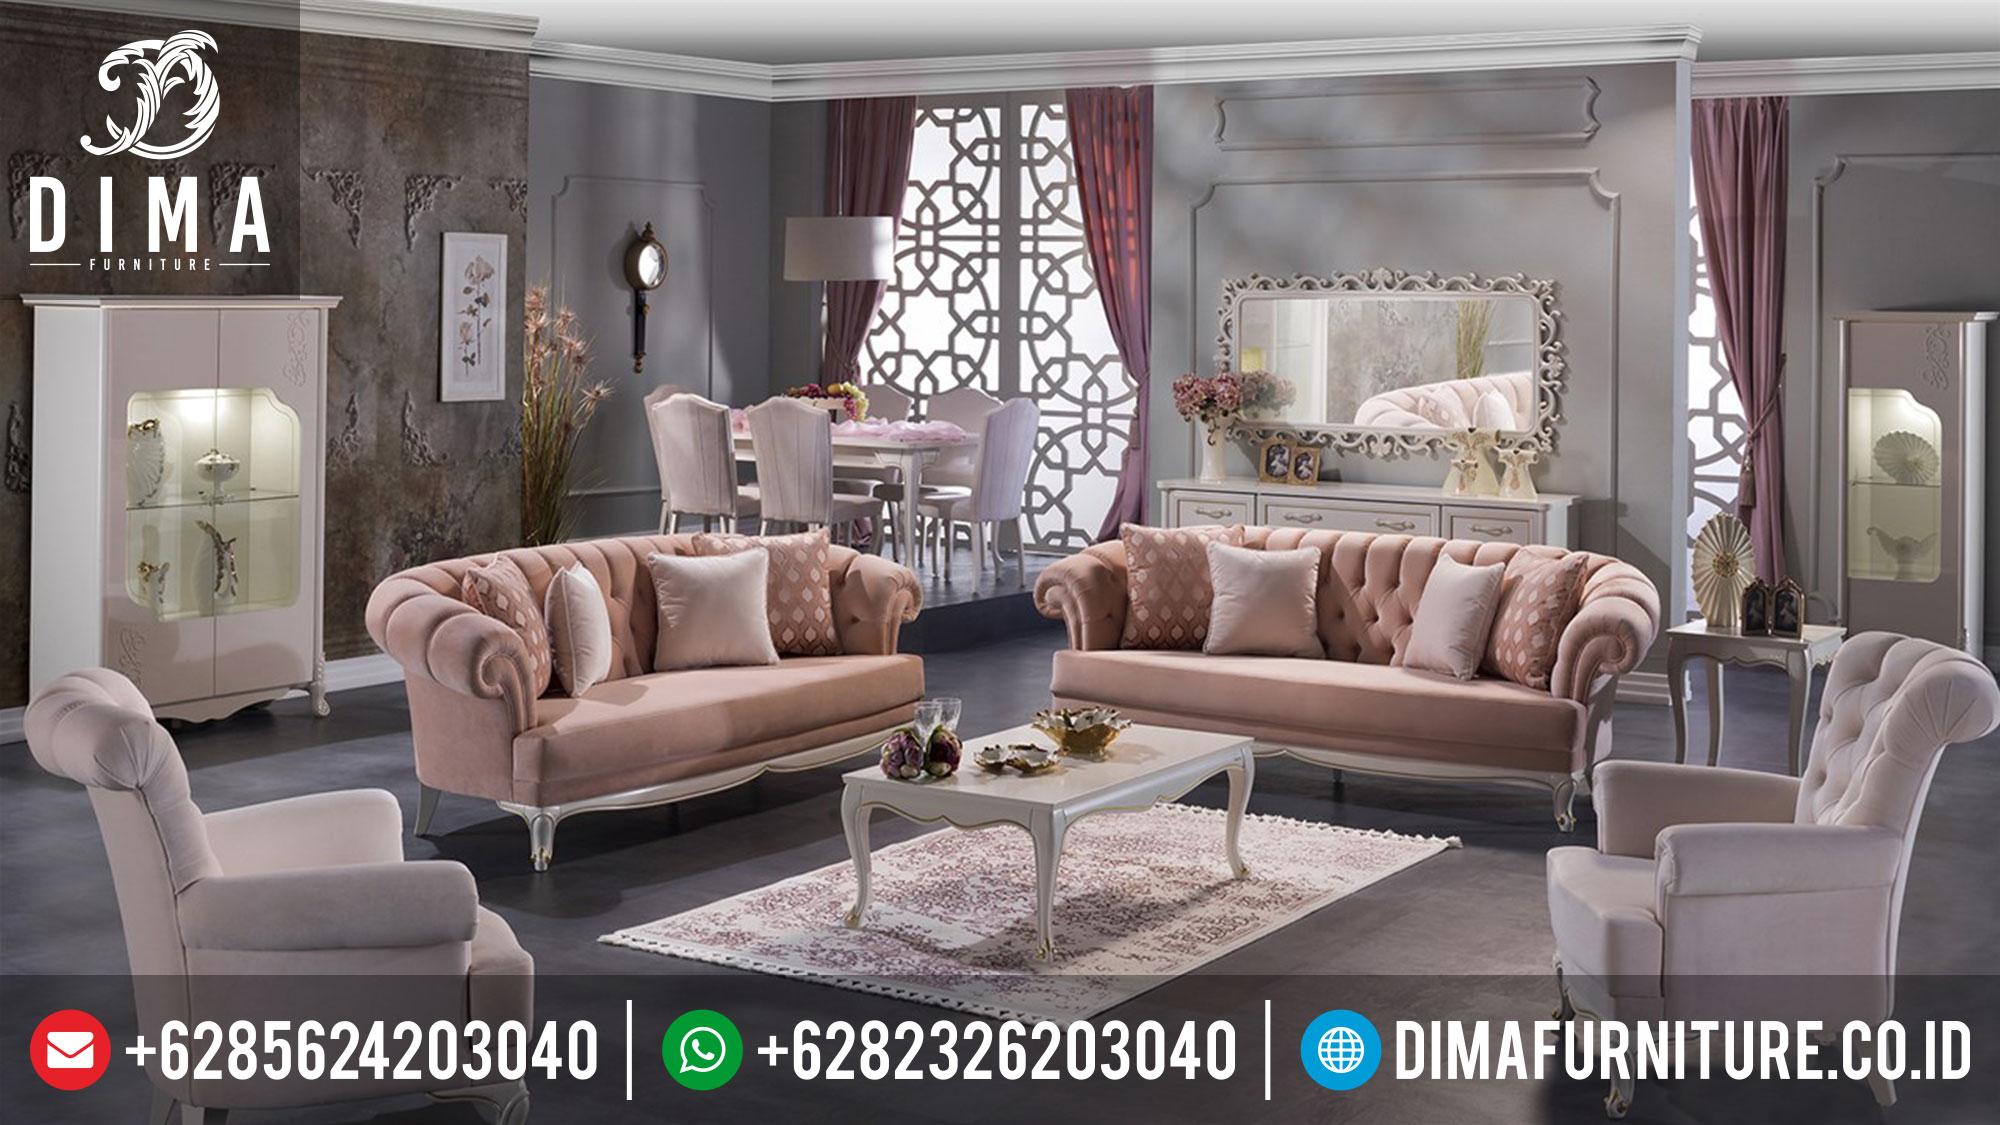 Jual 1 Set Sofa Tamu Minimalis Mewah Terbaru Jepara Lisbon ST-0380